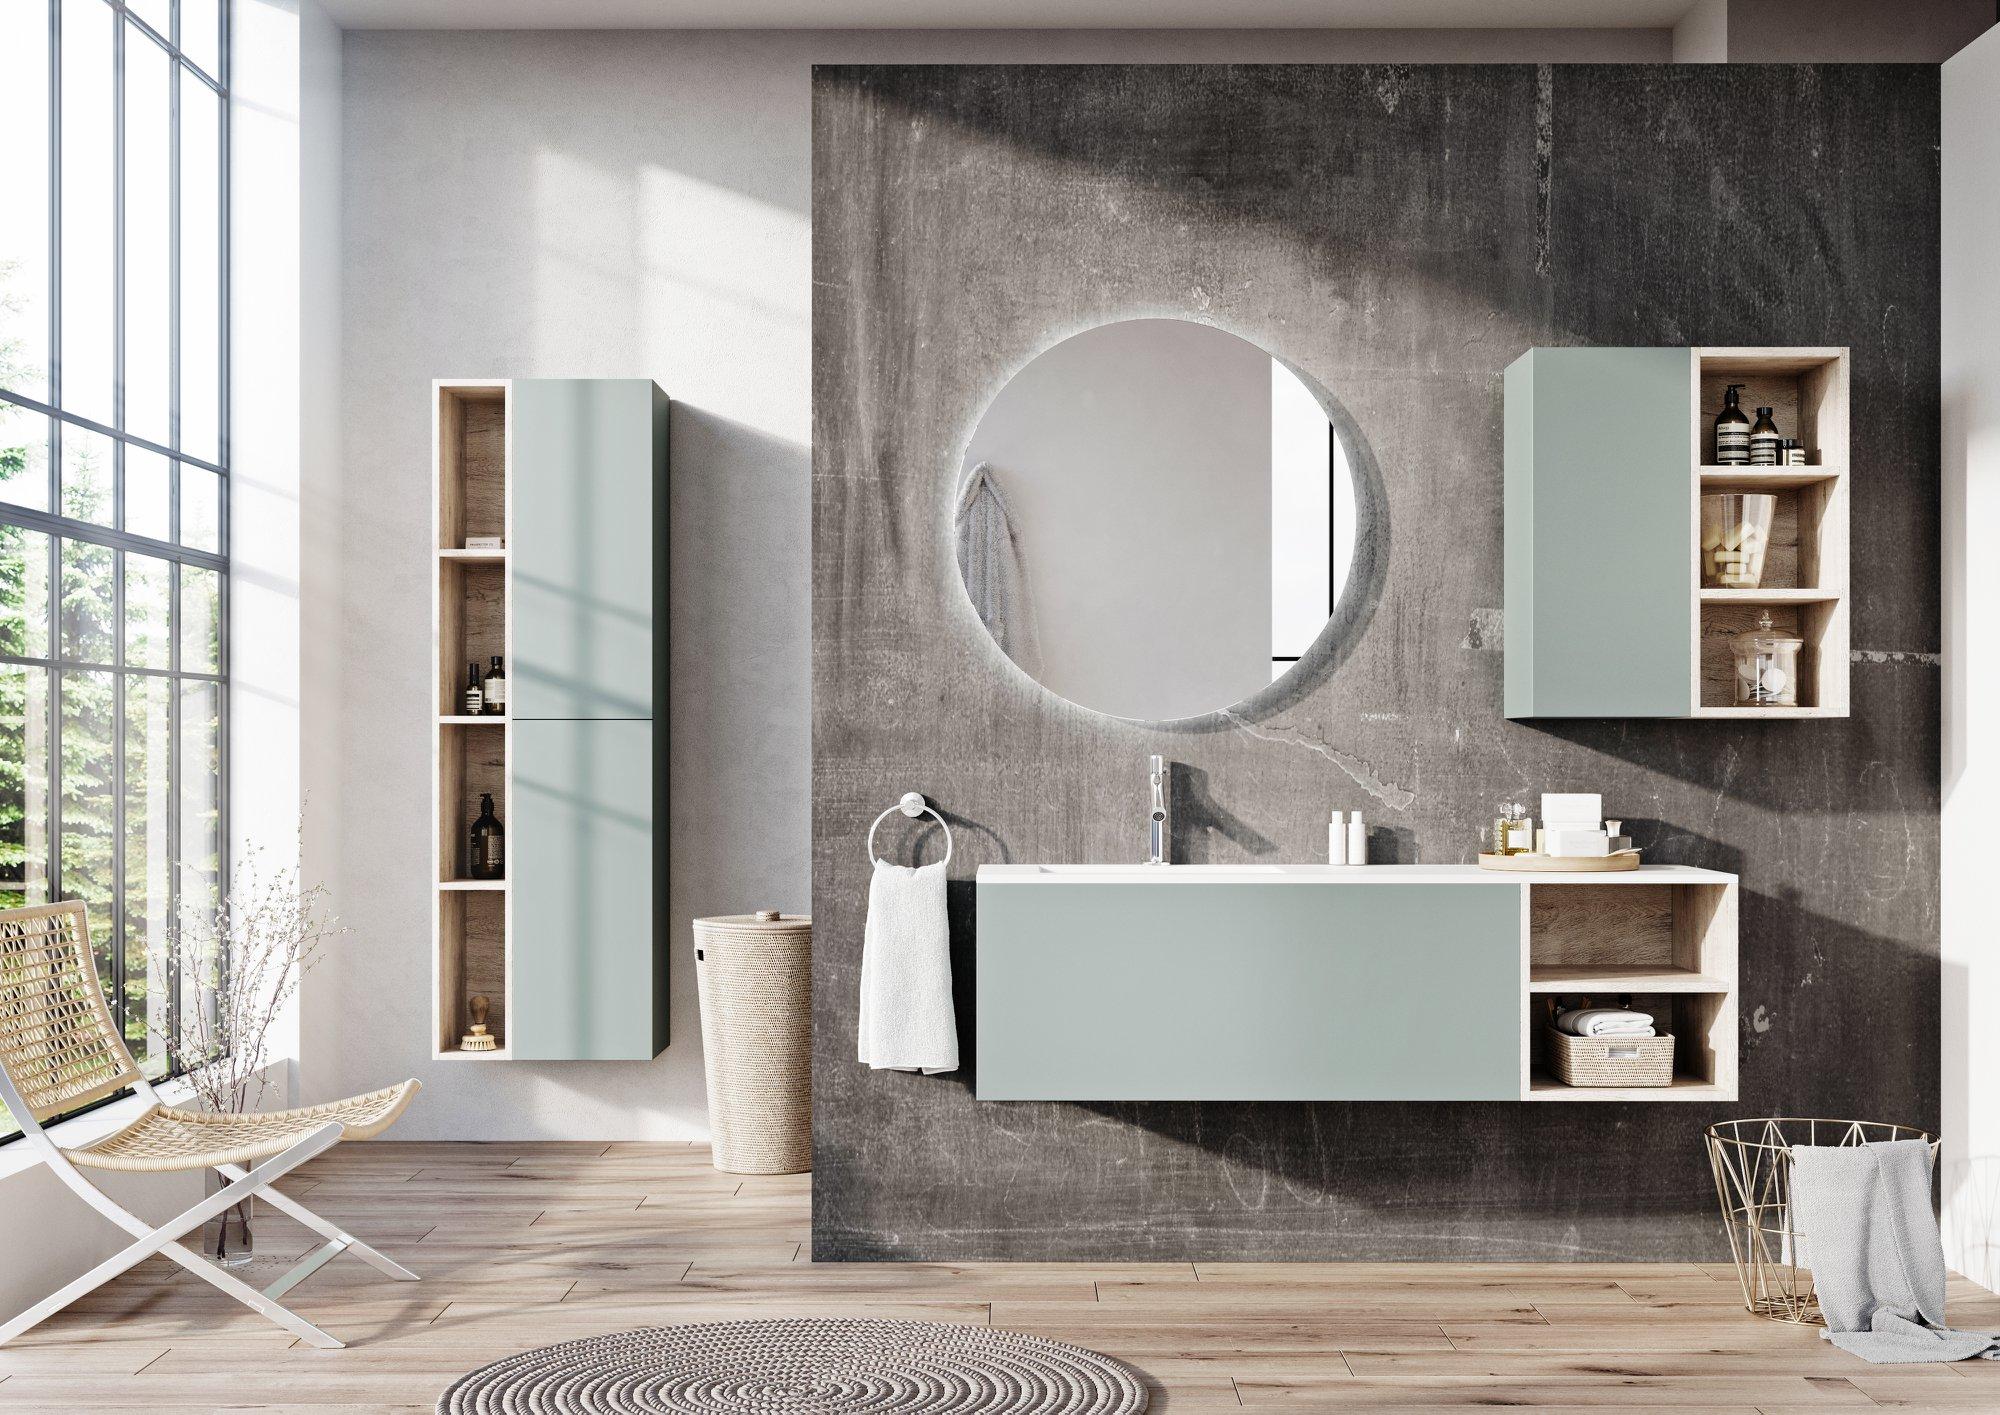 Header-H&R-badkamers-Mijn-Bad-In-Stijl-badkamer-merken